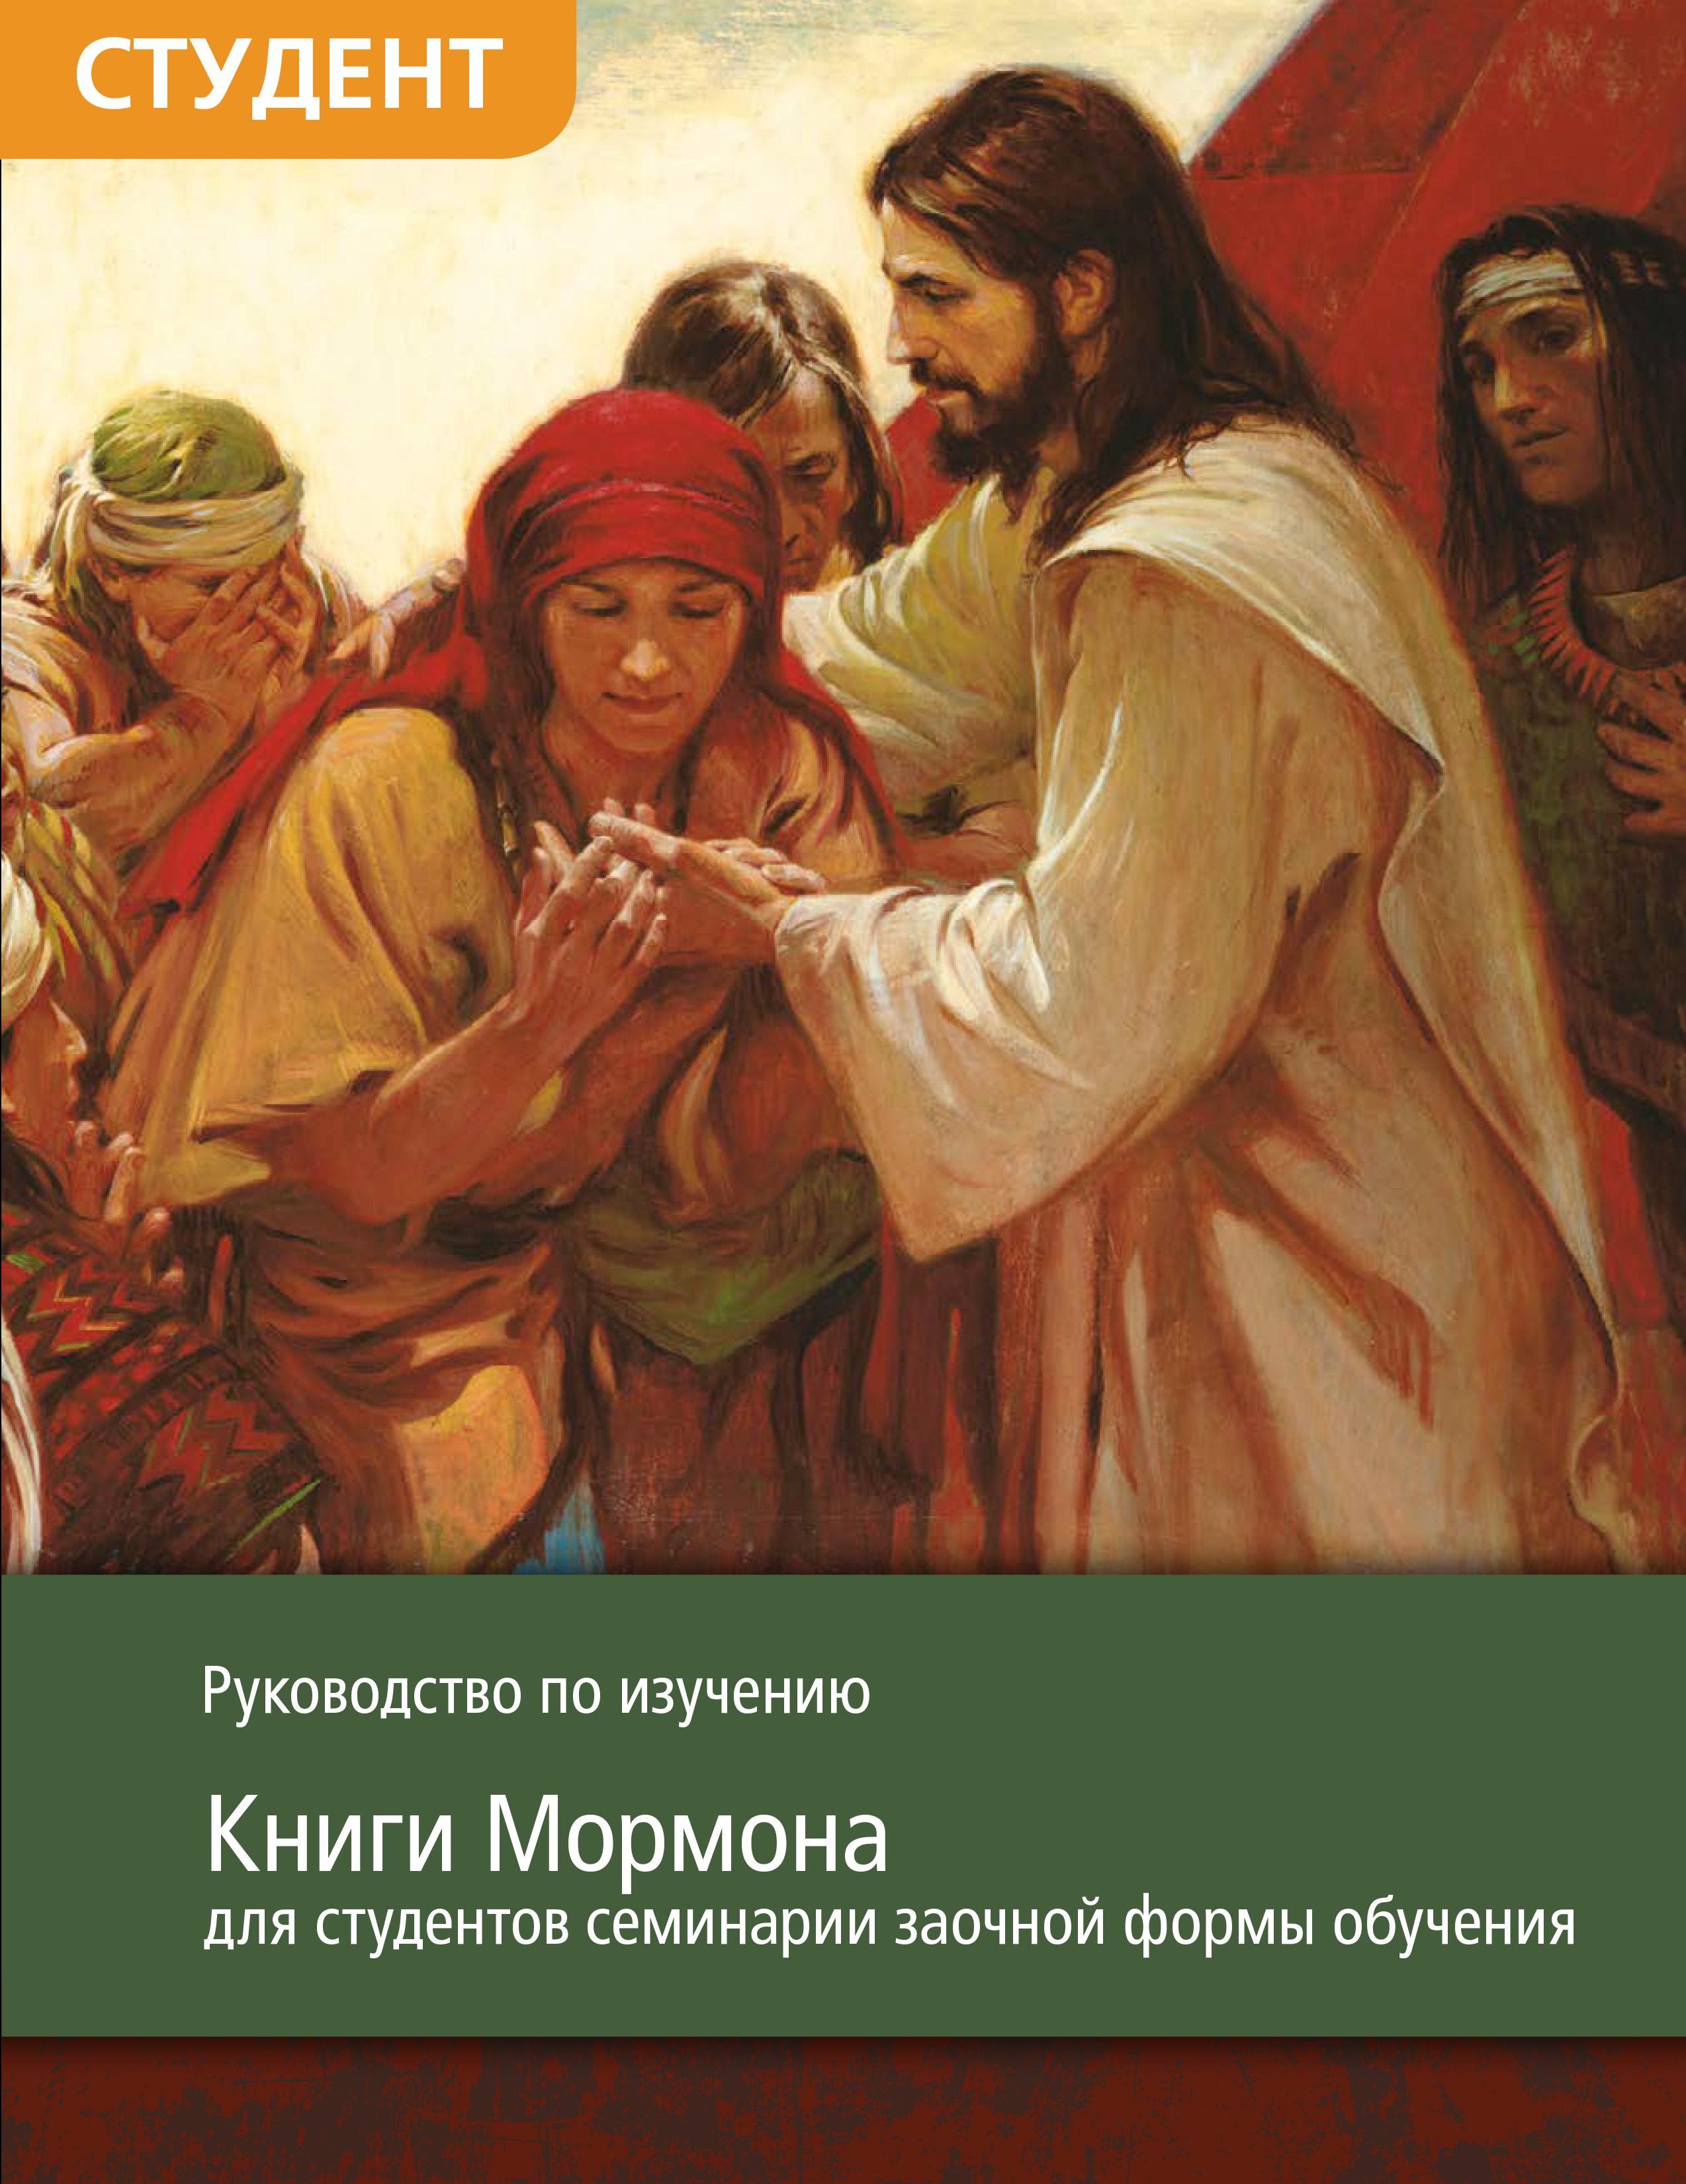 Руководство по изучению Книги Мормона для студентов семинарии заочной формы обучения